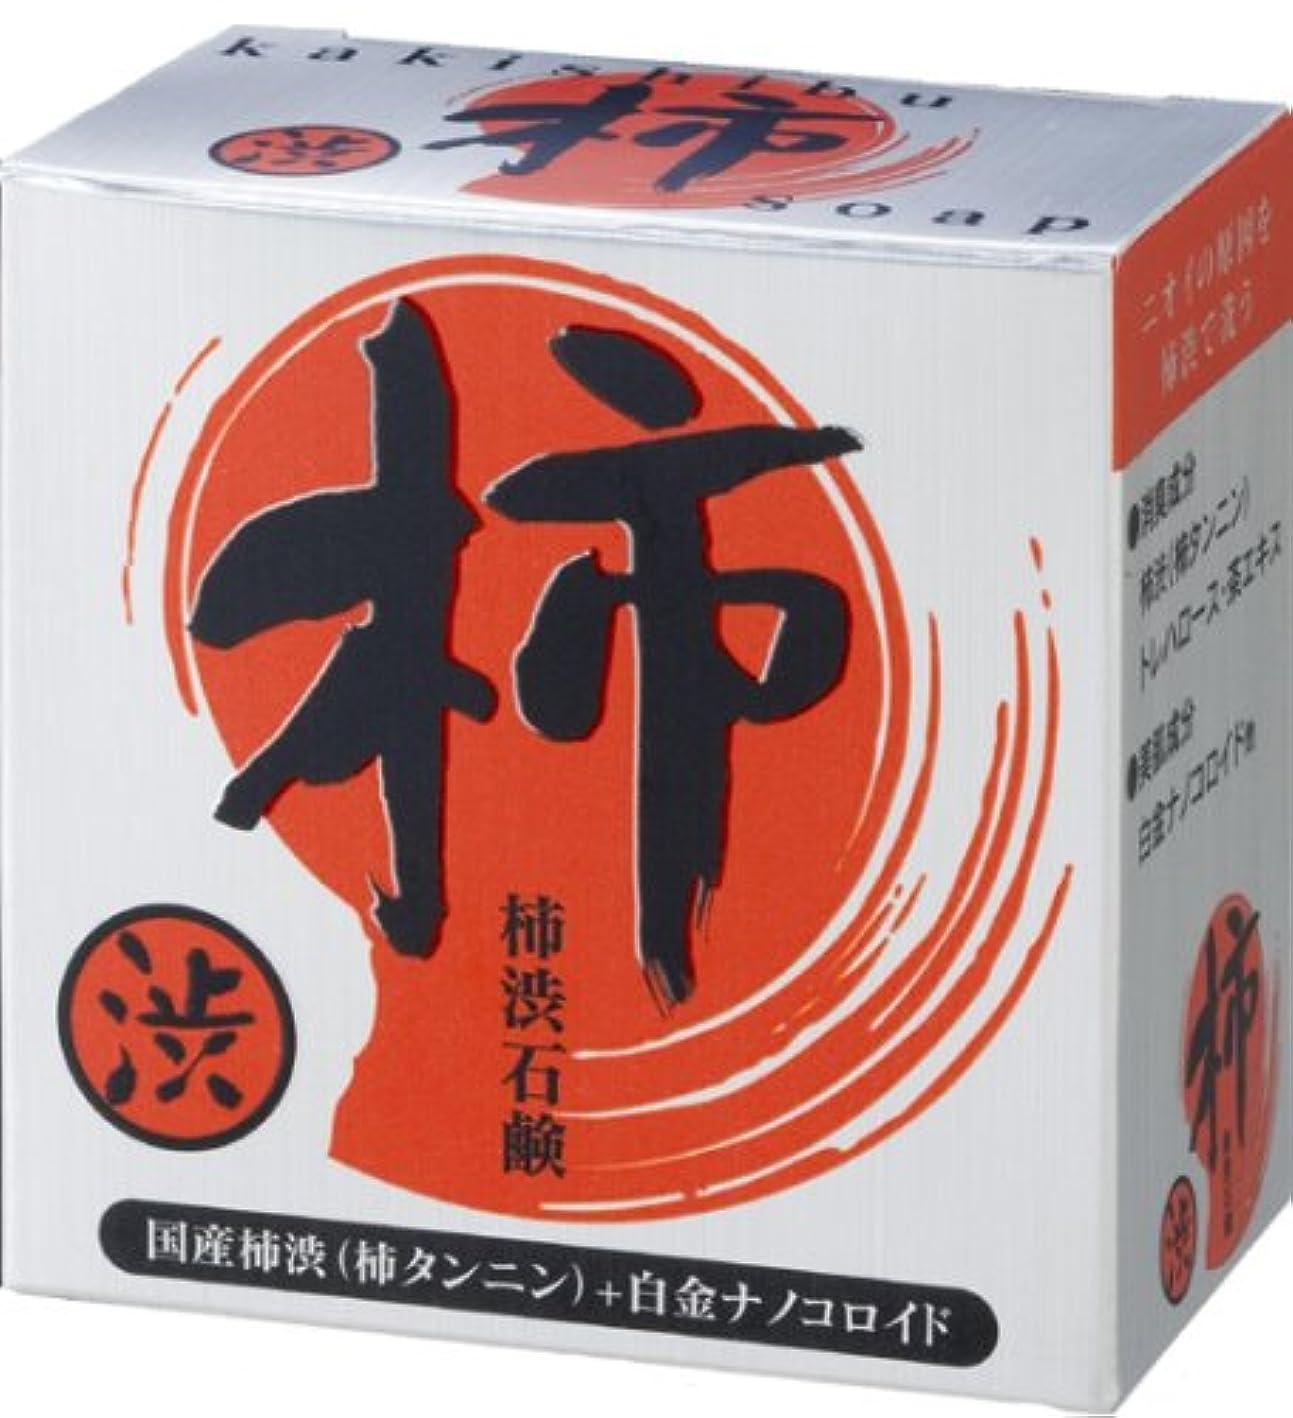 高く取るに足らない用心プロアクティ 純国産柿渋石鹸 100g 白金ナノコロイド配合!